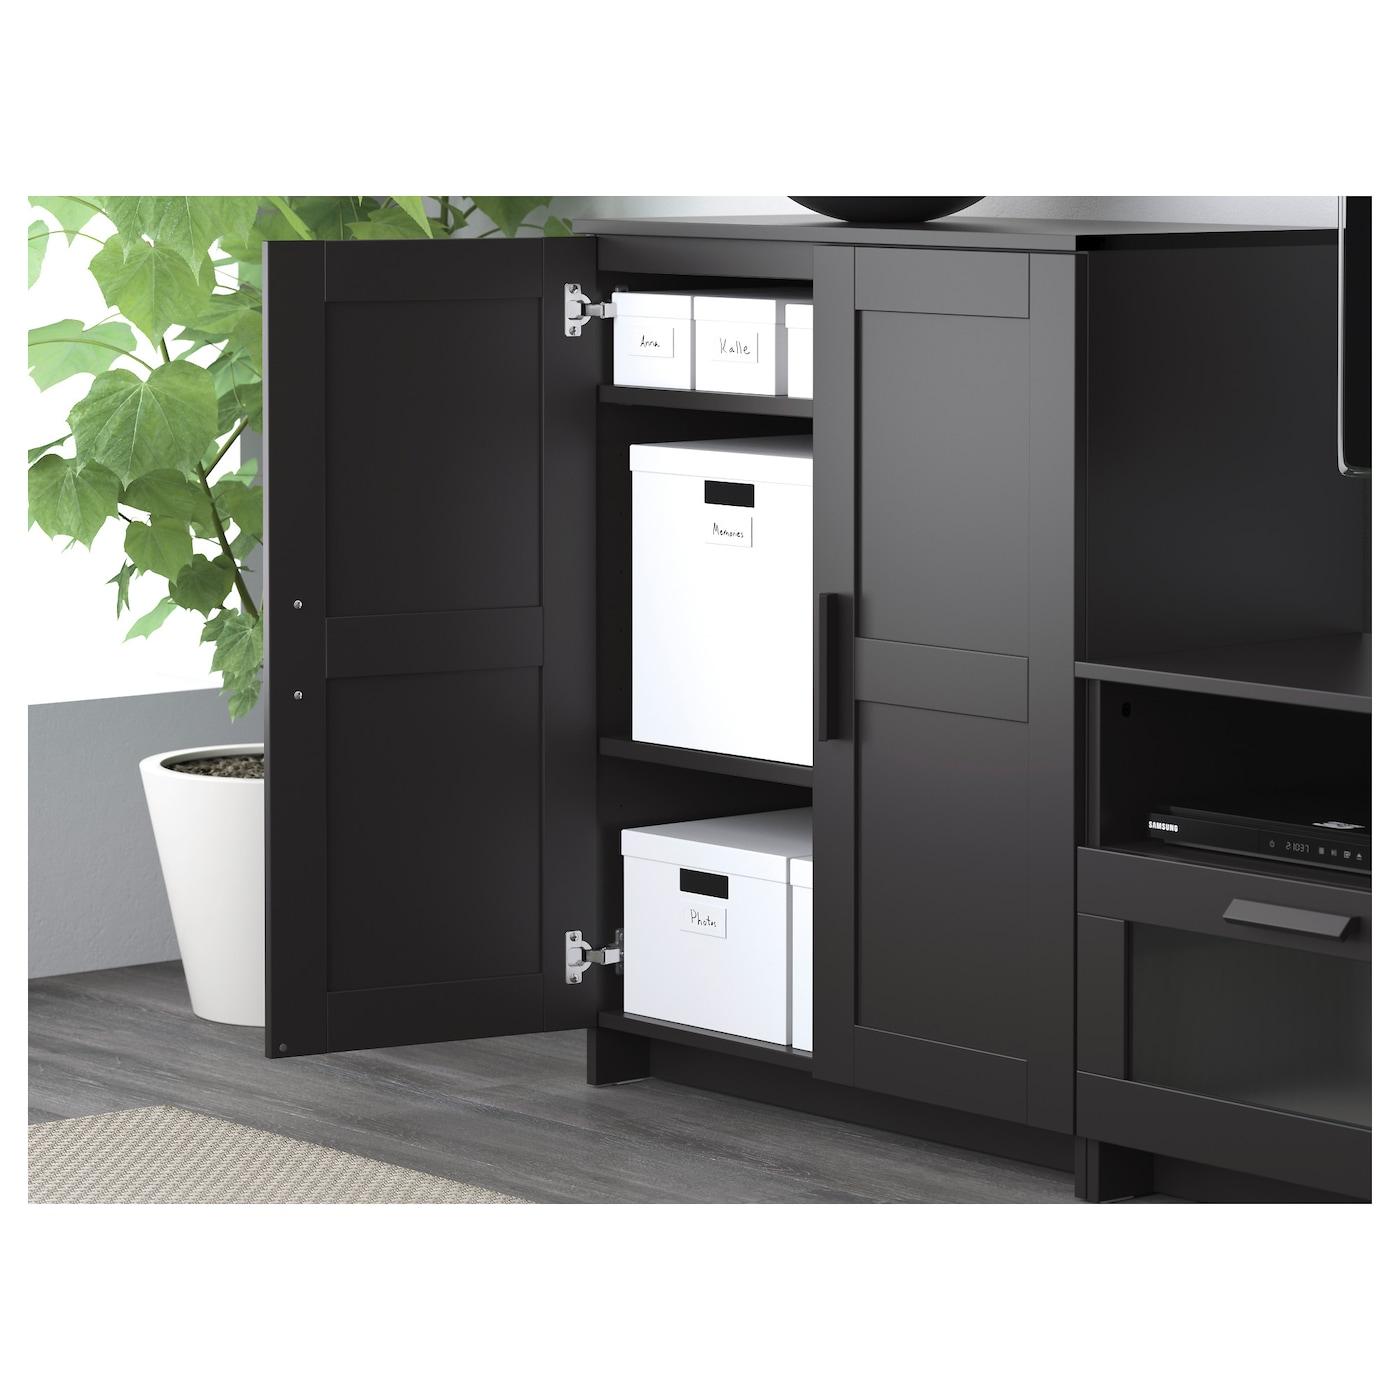 Brimnes Combinaison Meuble Tv Noir 258 X 41 X 190 Cm Ikea